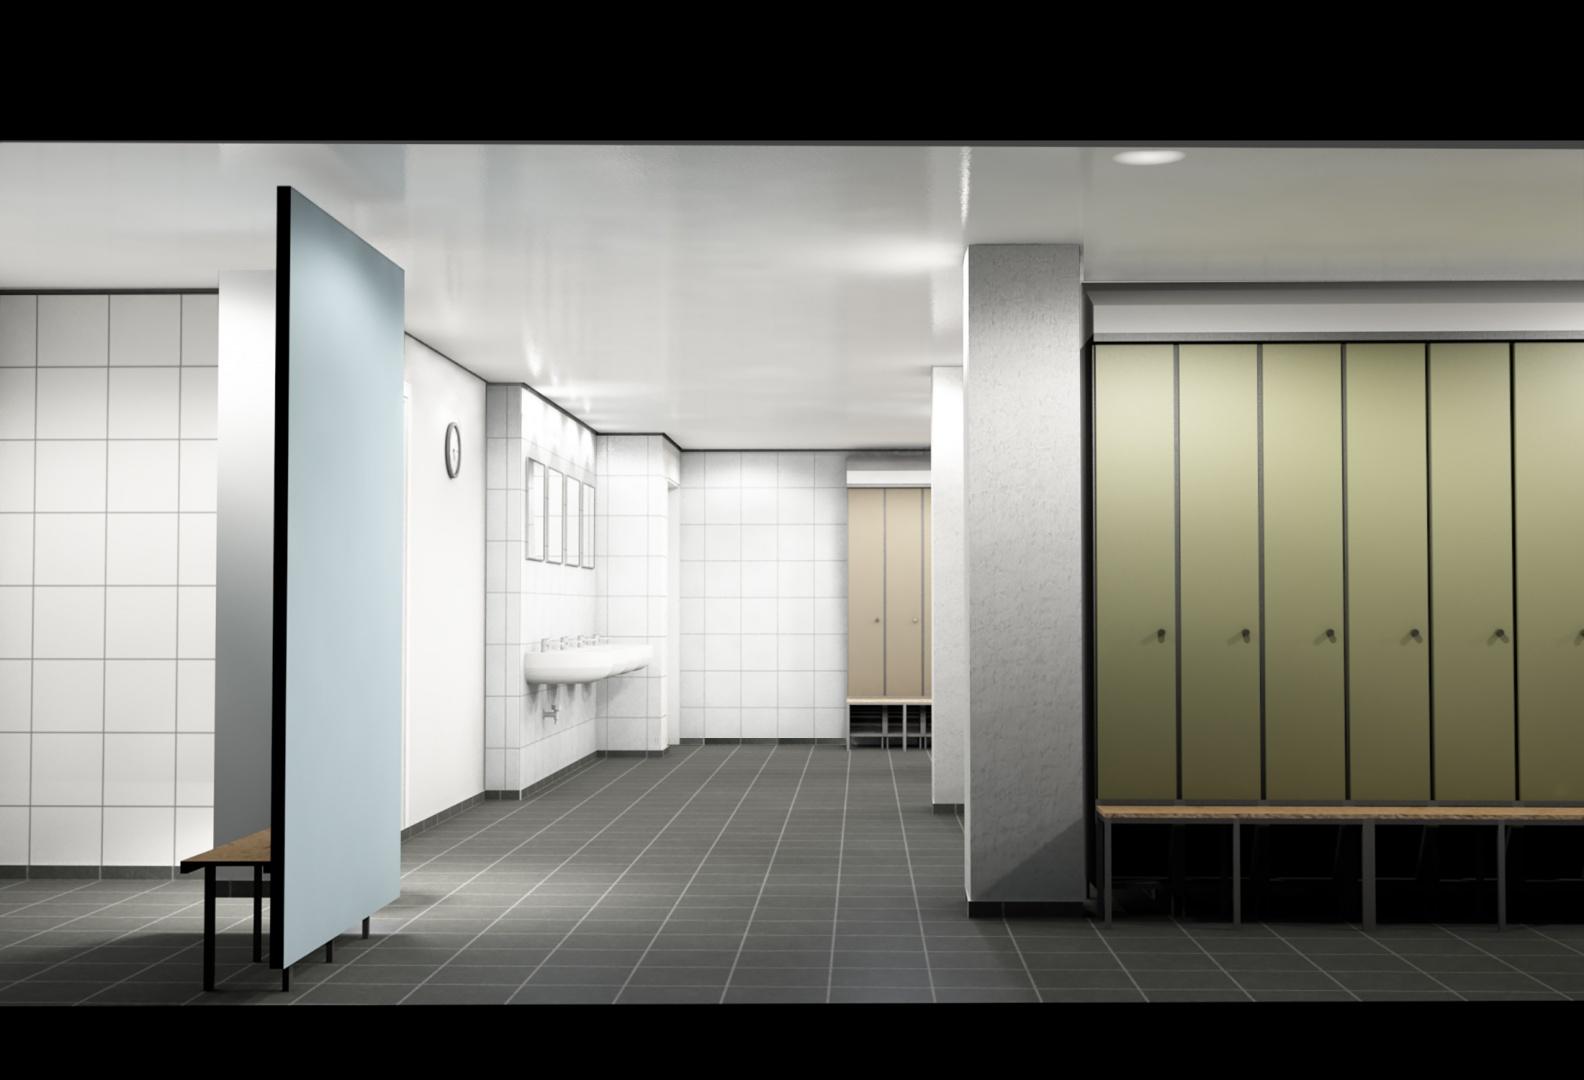 Visualisierung aus BIM Modell von Garderobe © steigerconcept ag, Staffelstrasse 8, 8045 Zürich